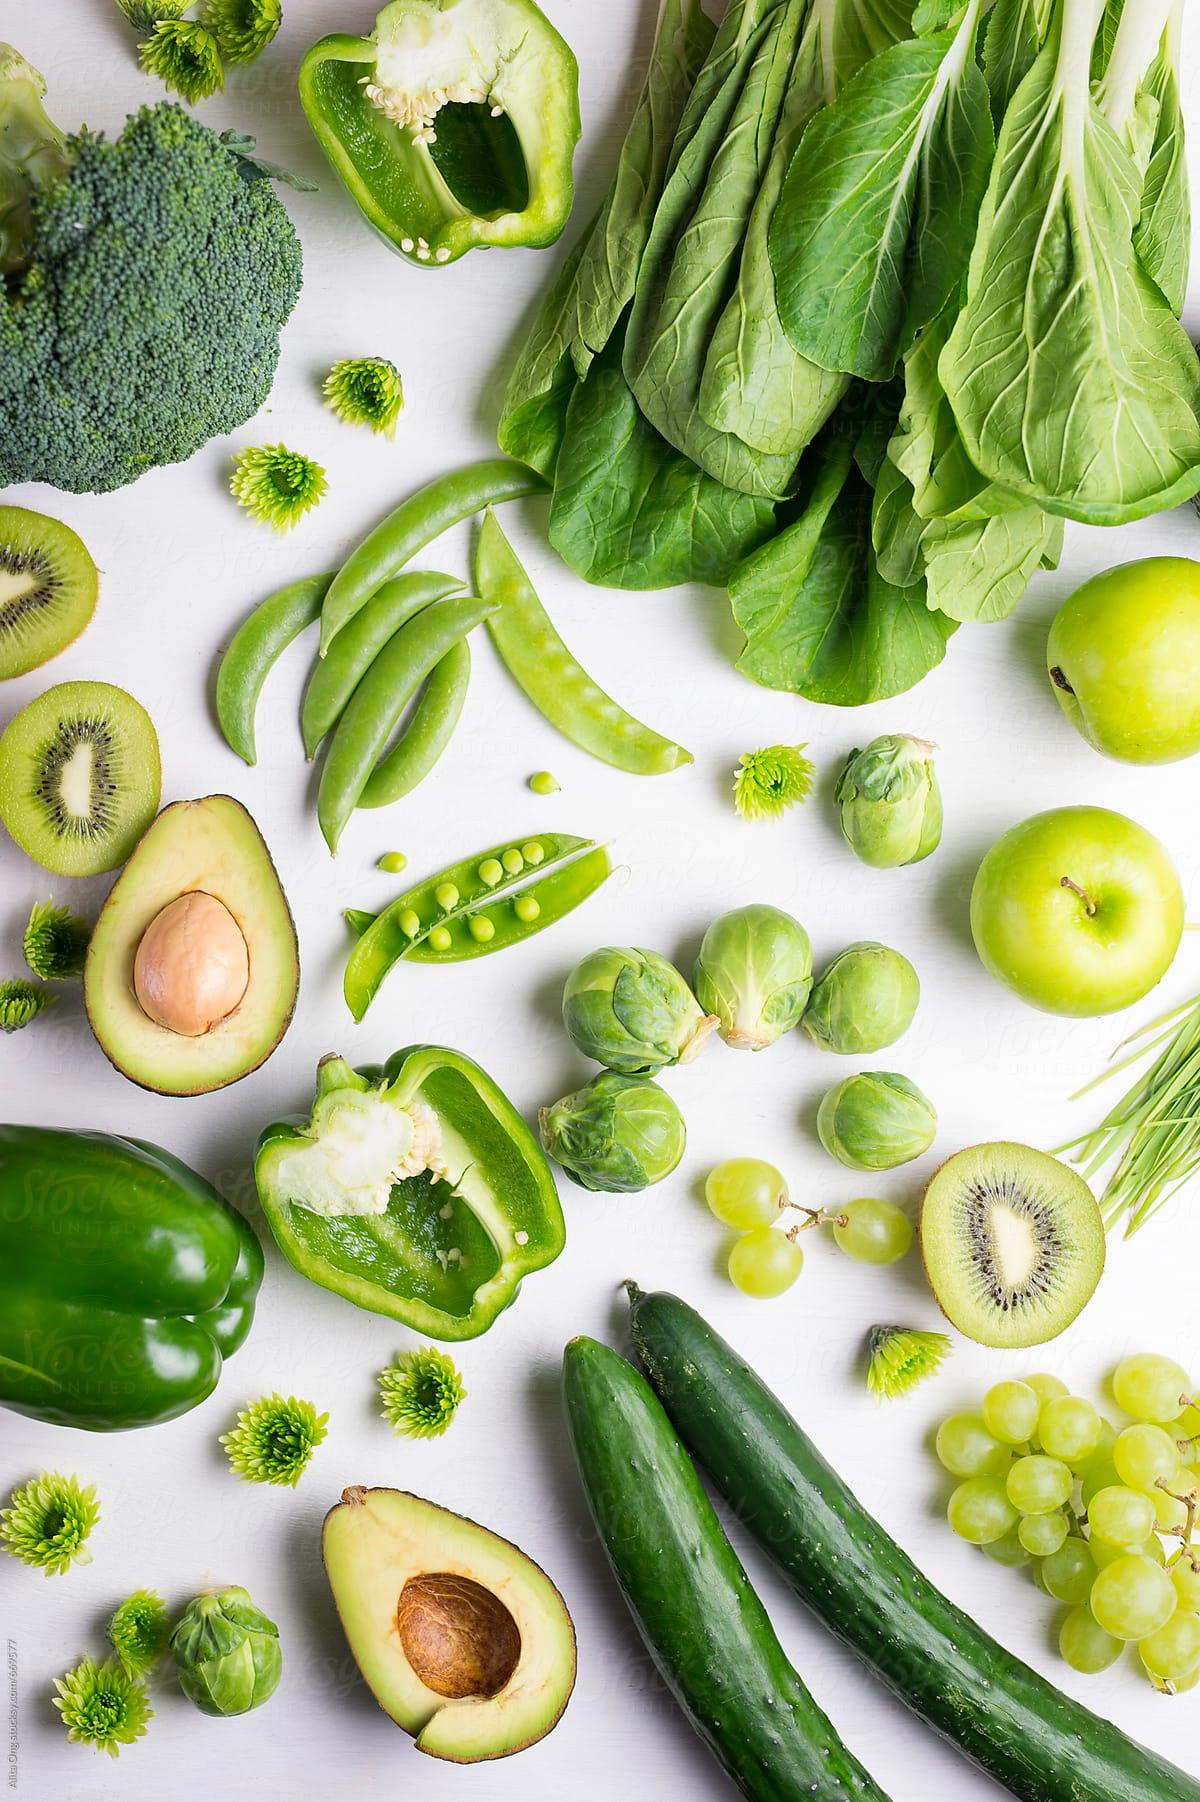 Kết quả hình ảnh cho greens with white background